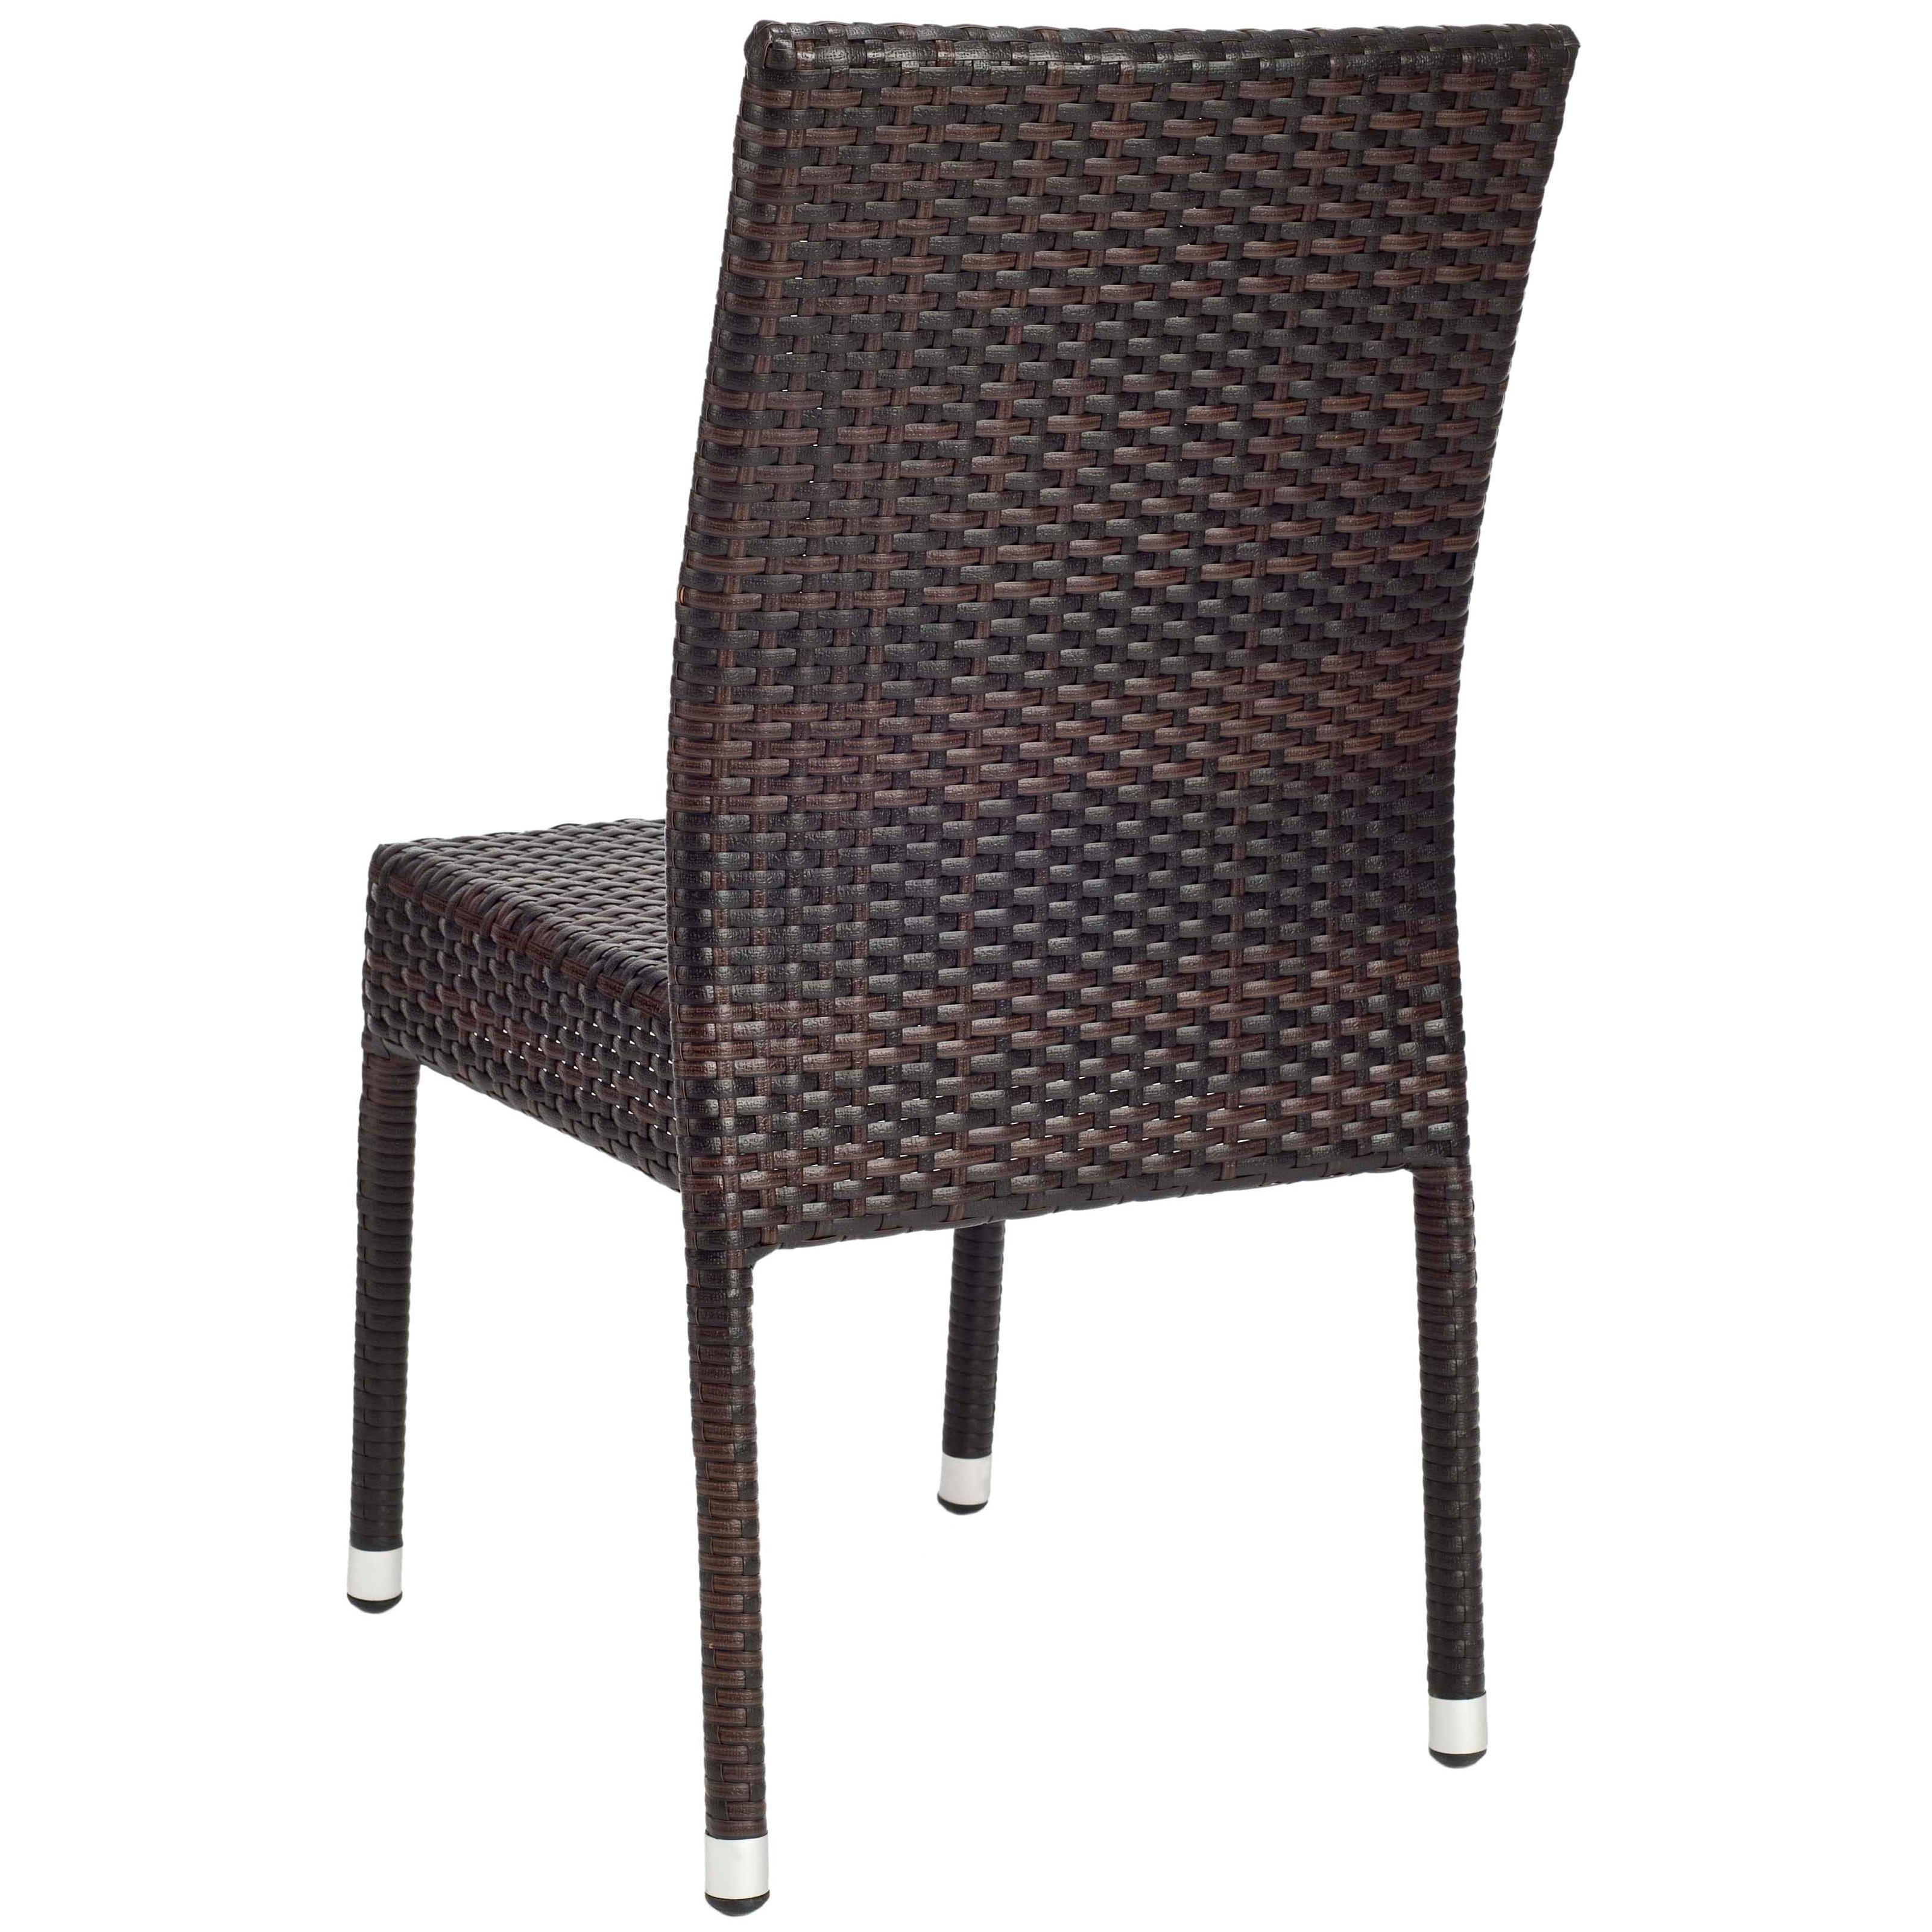 Safavieh Hamptons Bay Wicker Stackable Outdoor Chairs (Set of 2 ...